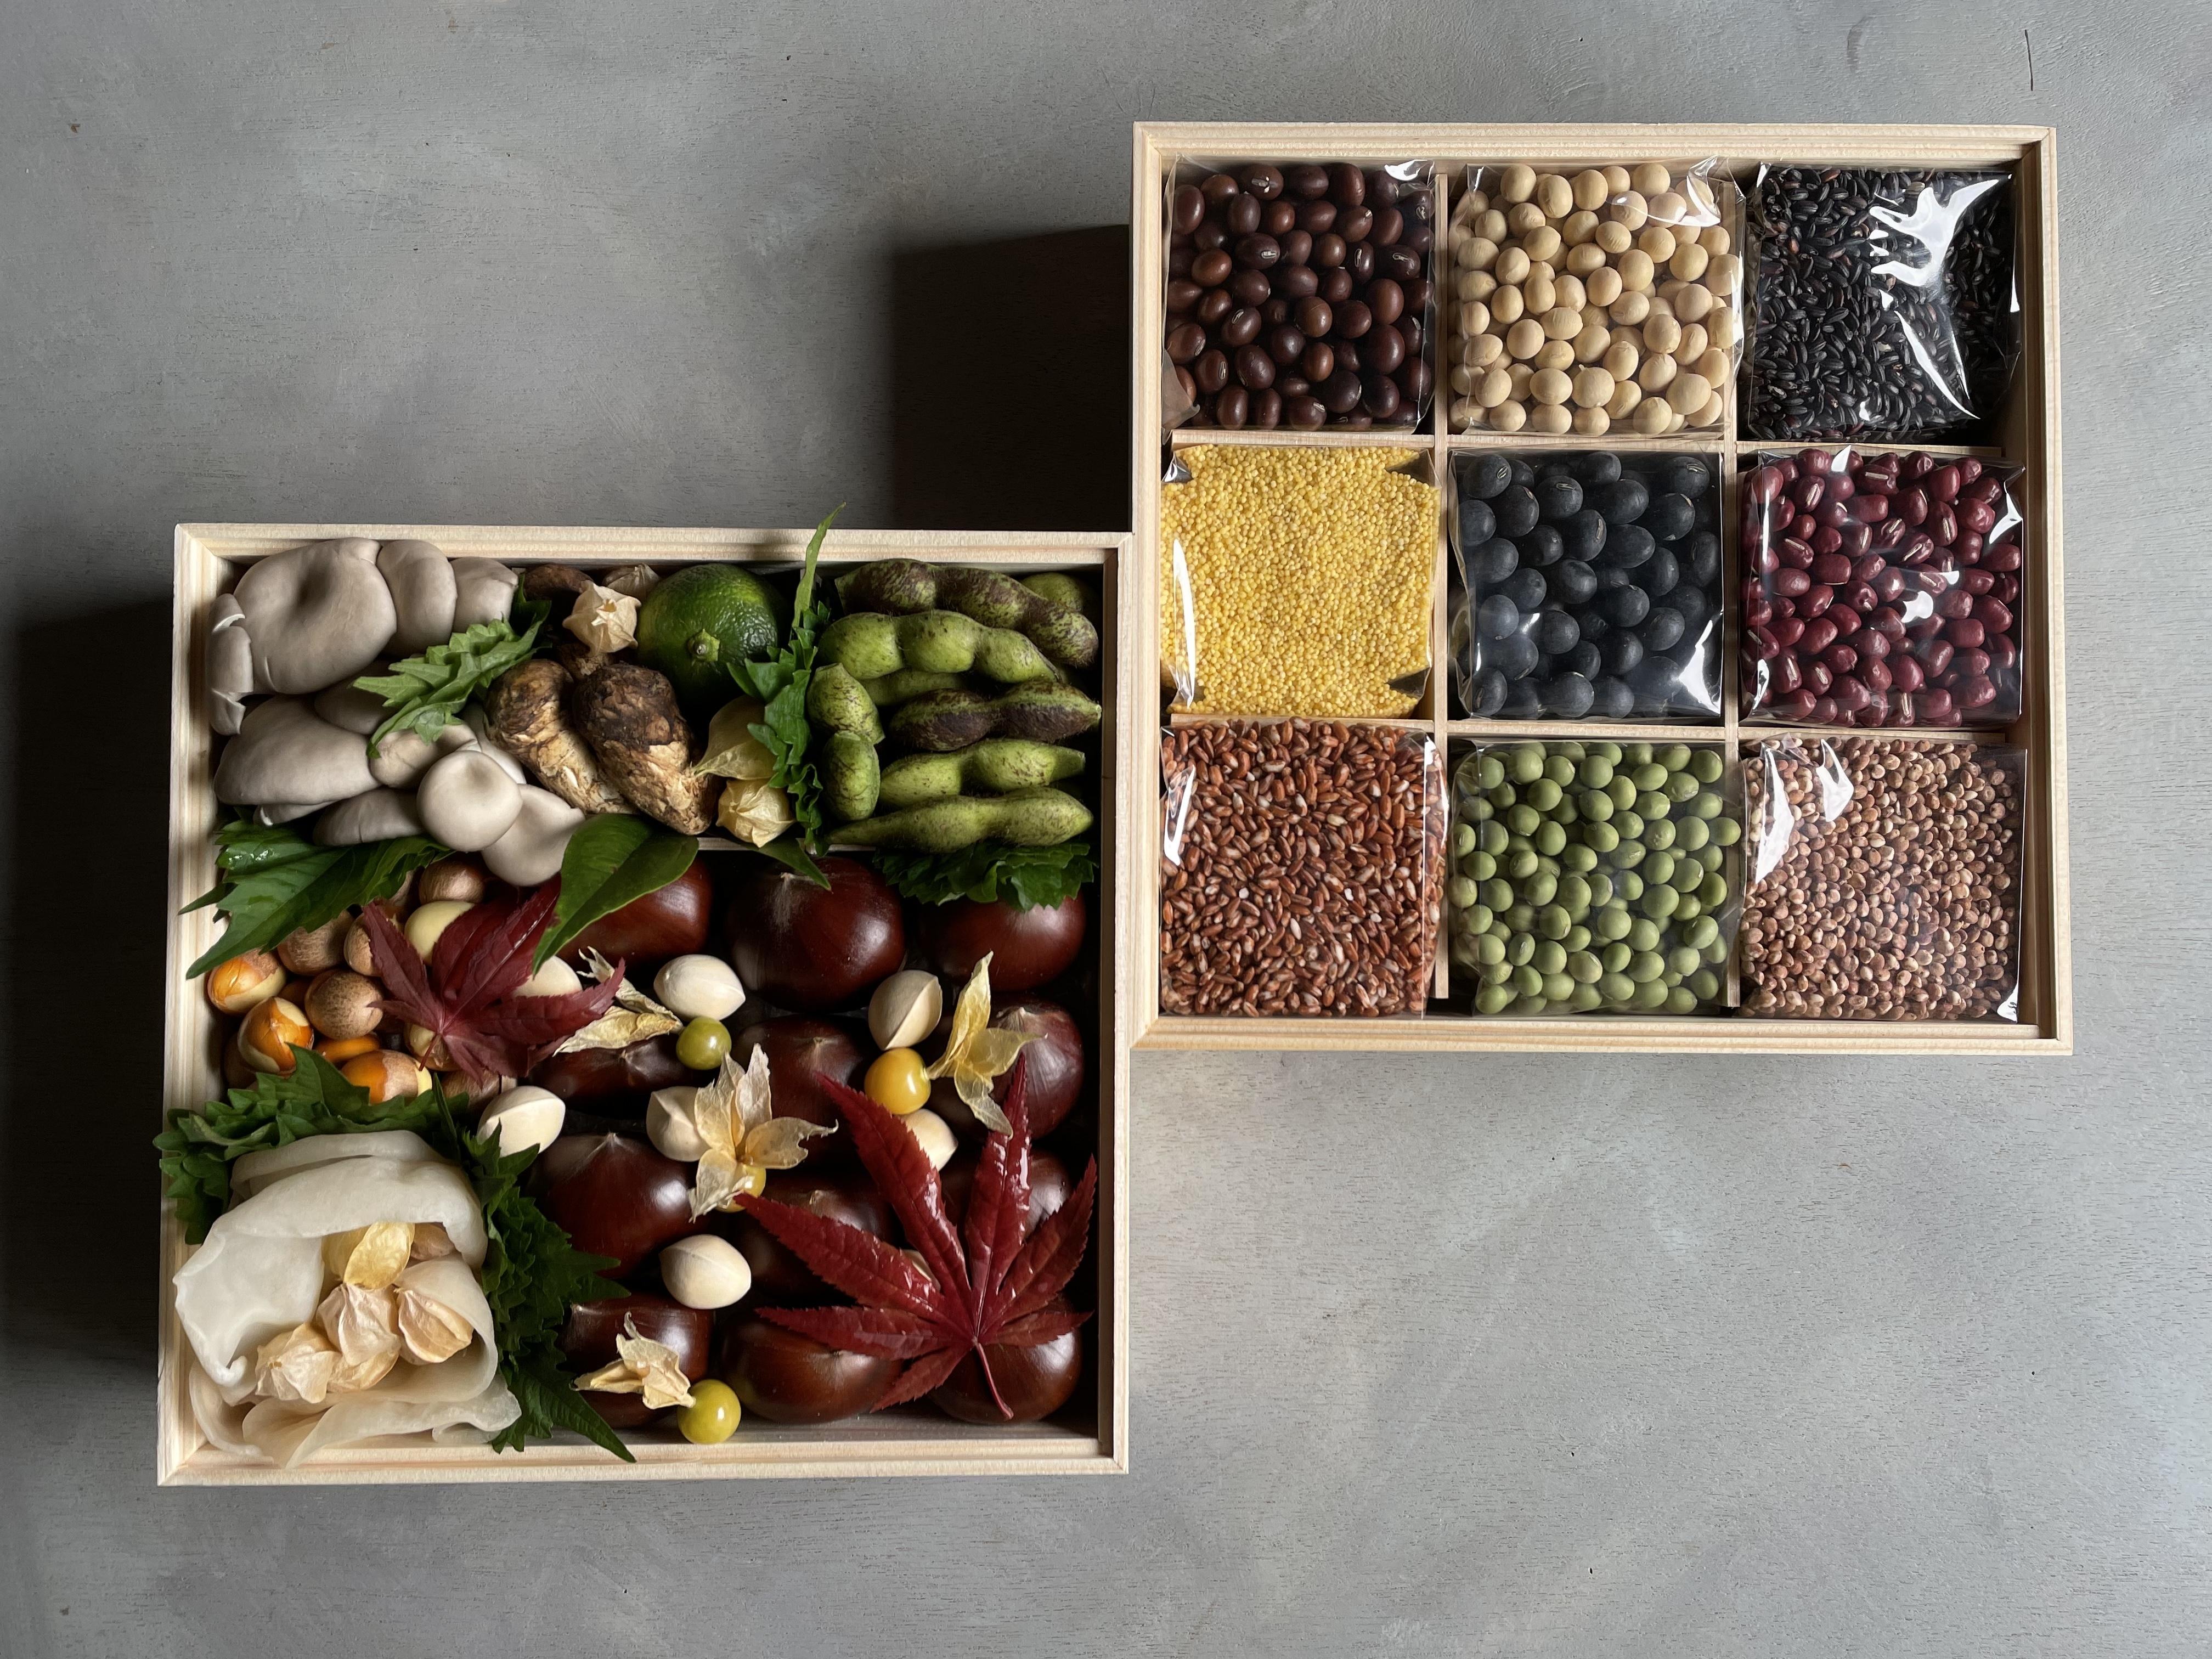 京の野菜重と丹波穀の重 二段重